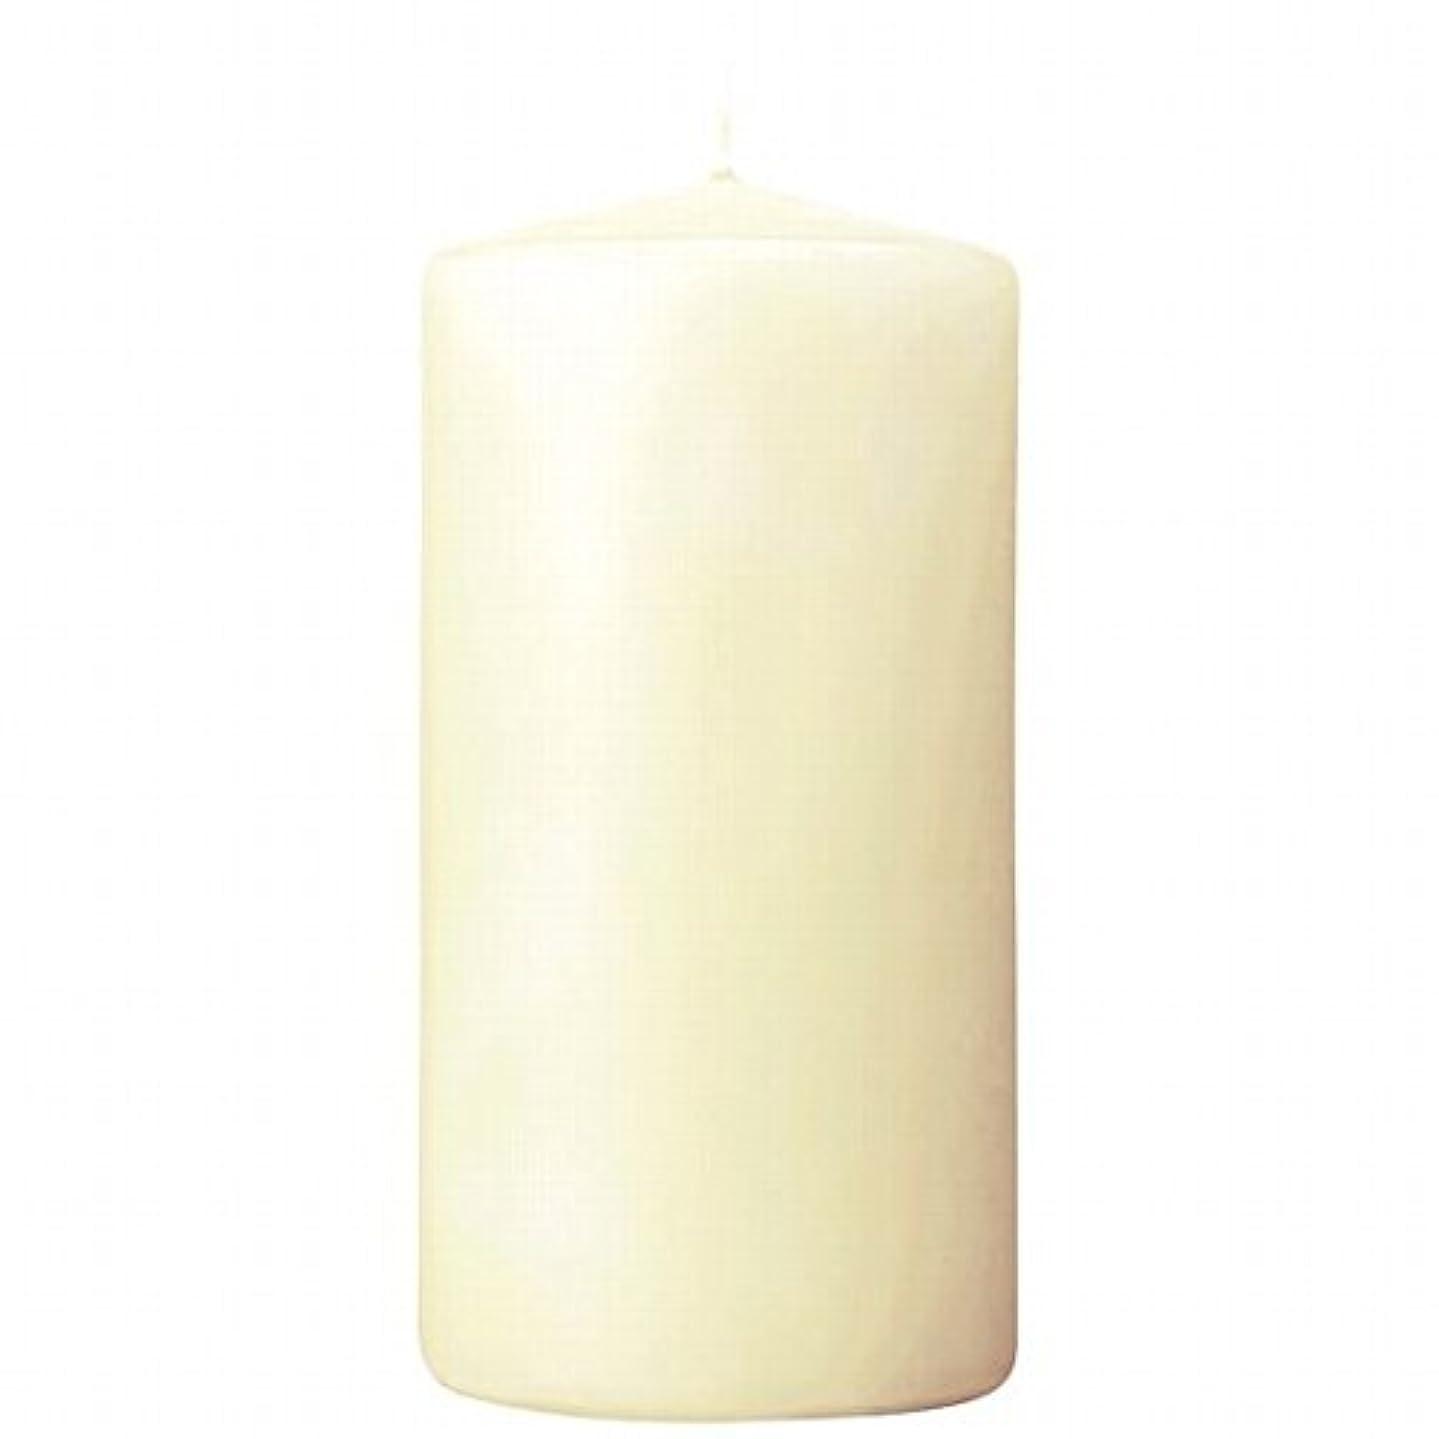 リンケージ移住するバレーボールカメヤマキャンドル(kameyama candle) 3×6ベルトップピラーキャンドル 「 アイボリー 」